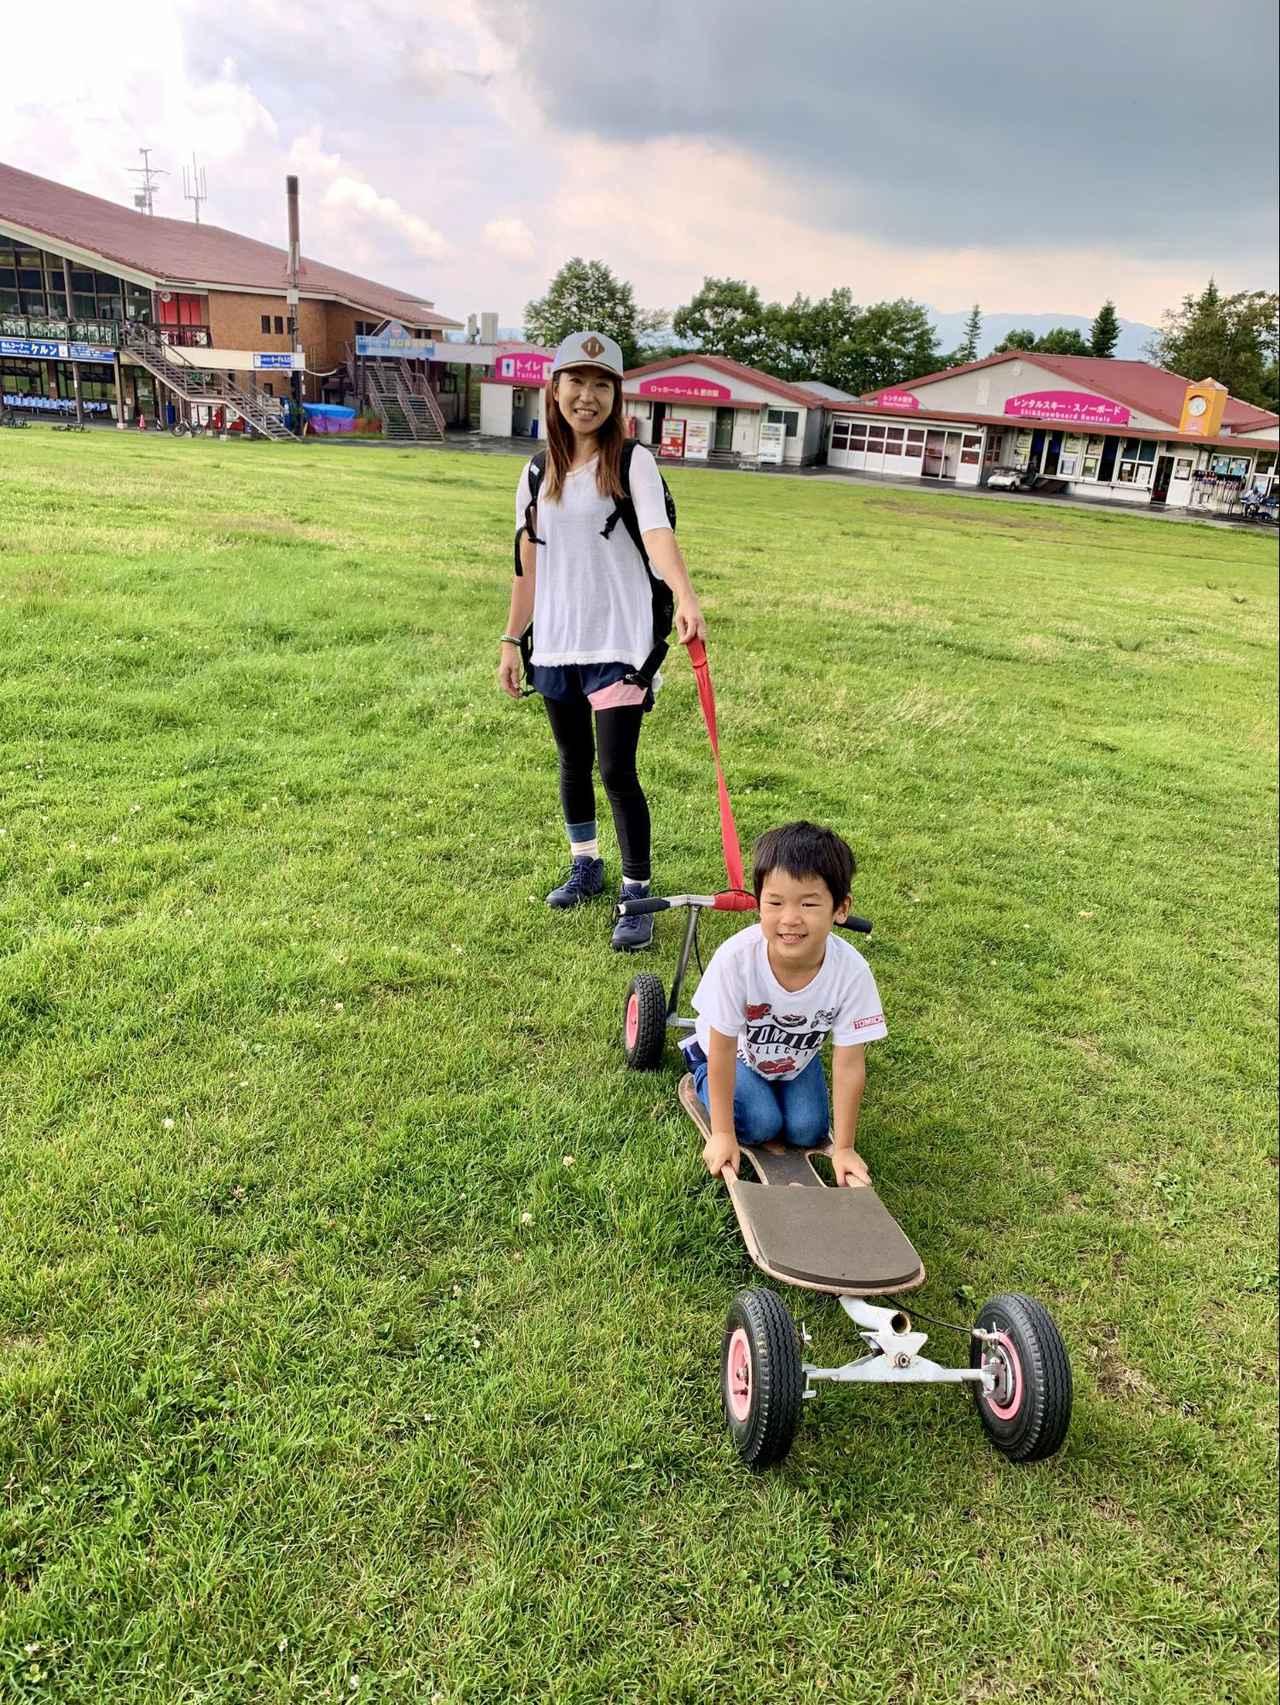 画像: (筆者撮影)ポッカールに乗る息子 通常はハンドルを持って芝生を滑走します